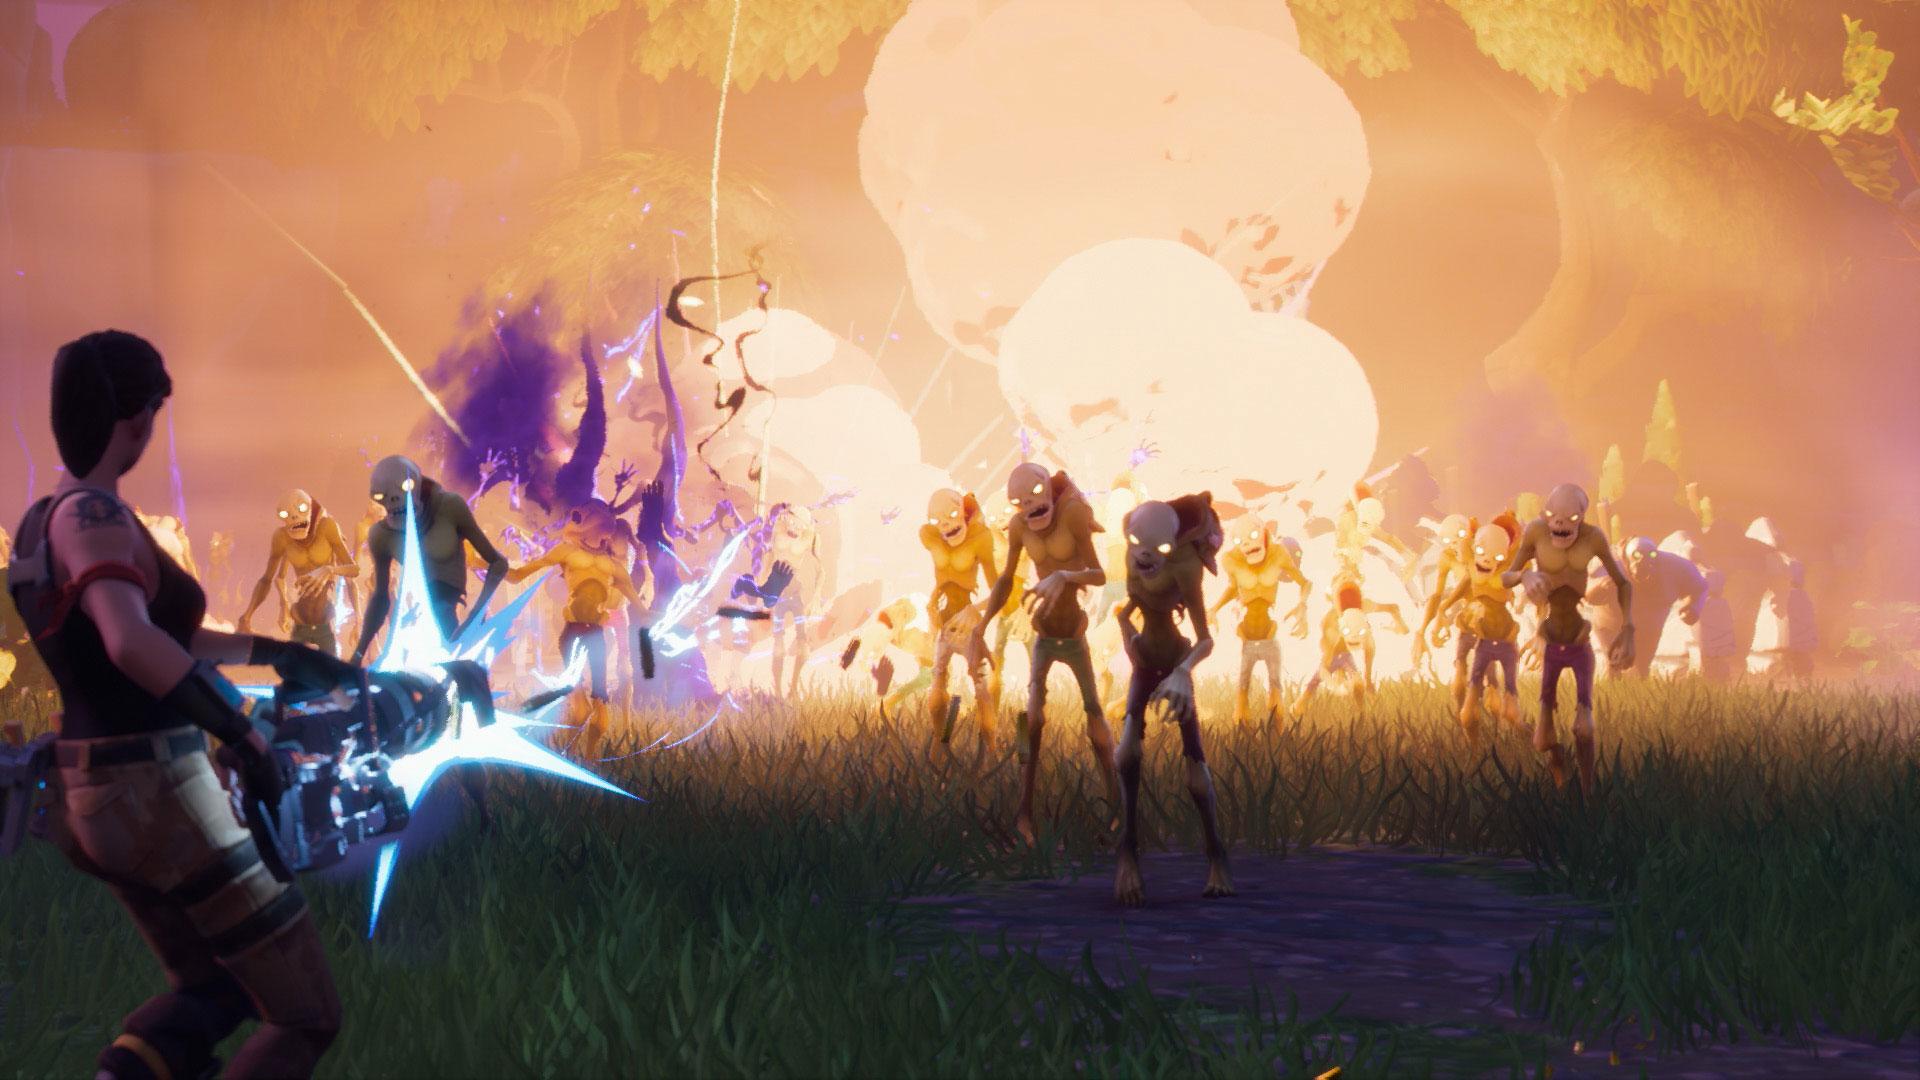 """... viele potenzielle Interessenten von Multiplayer-Games wie """"Fortnite"""" fern oder kehren ihnen nach unschönen Erlebnissen den Rücken. Jetzt soll eine Initiative aus mehreren Online-Herstellern und -Entwicklern ..."""